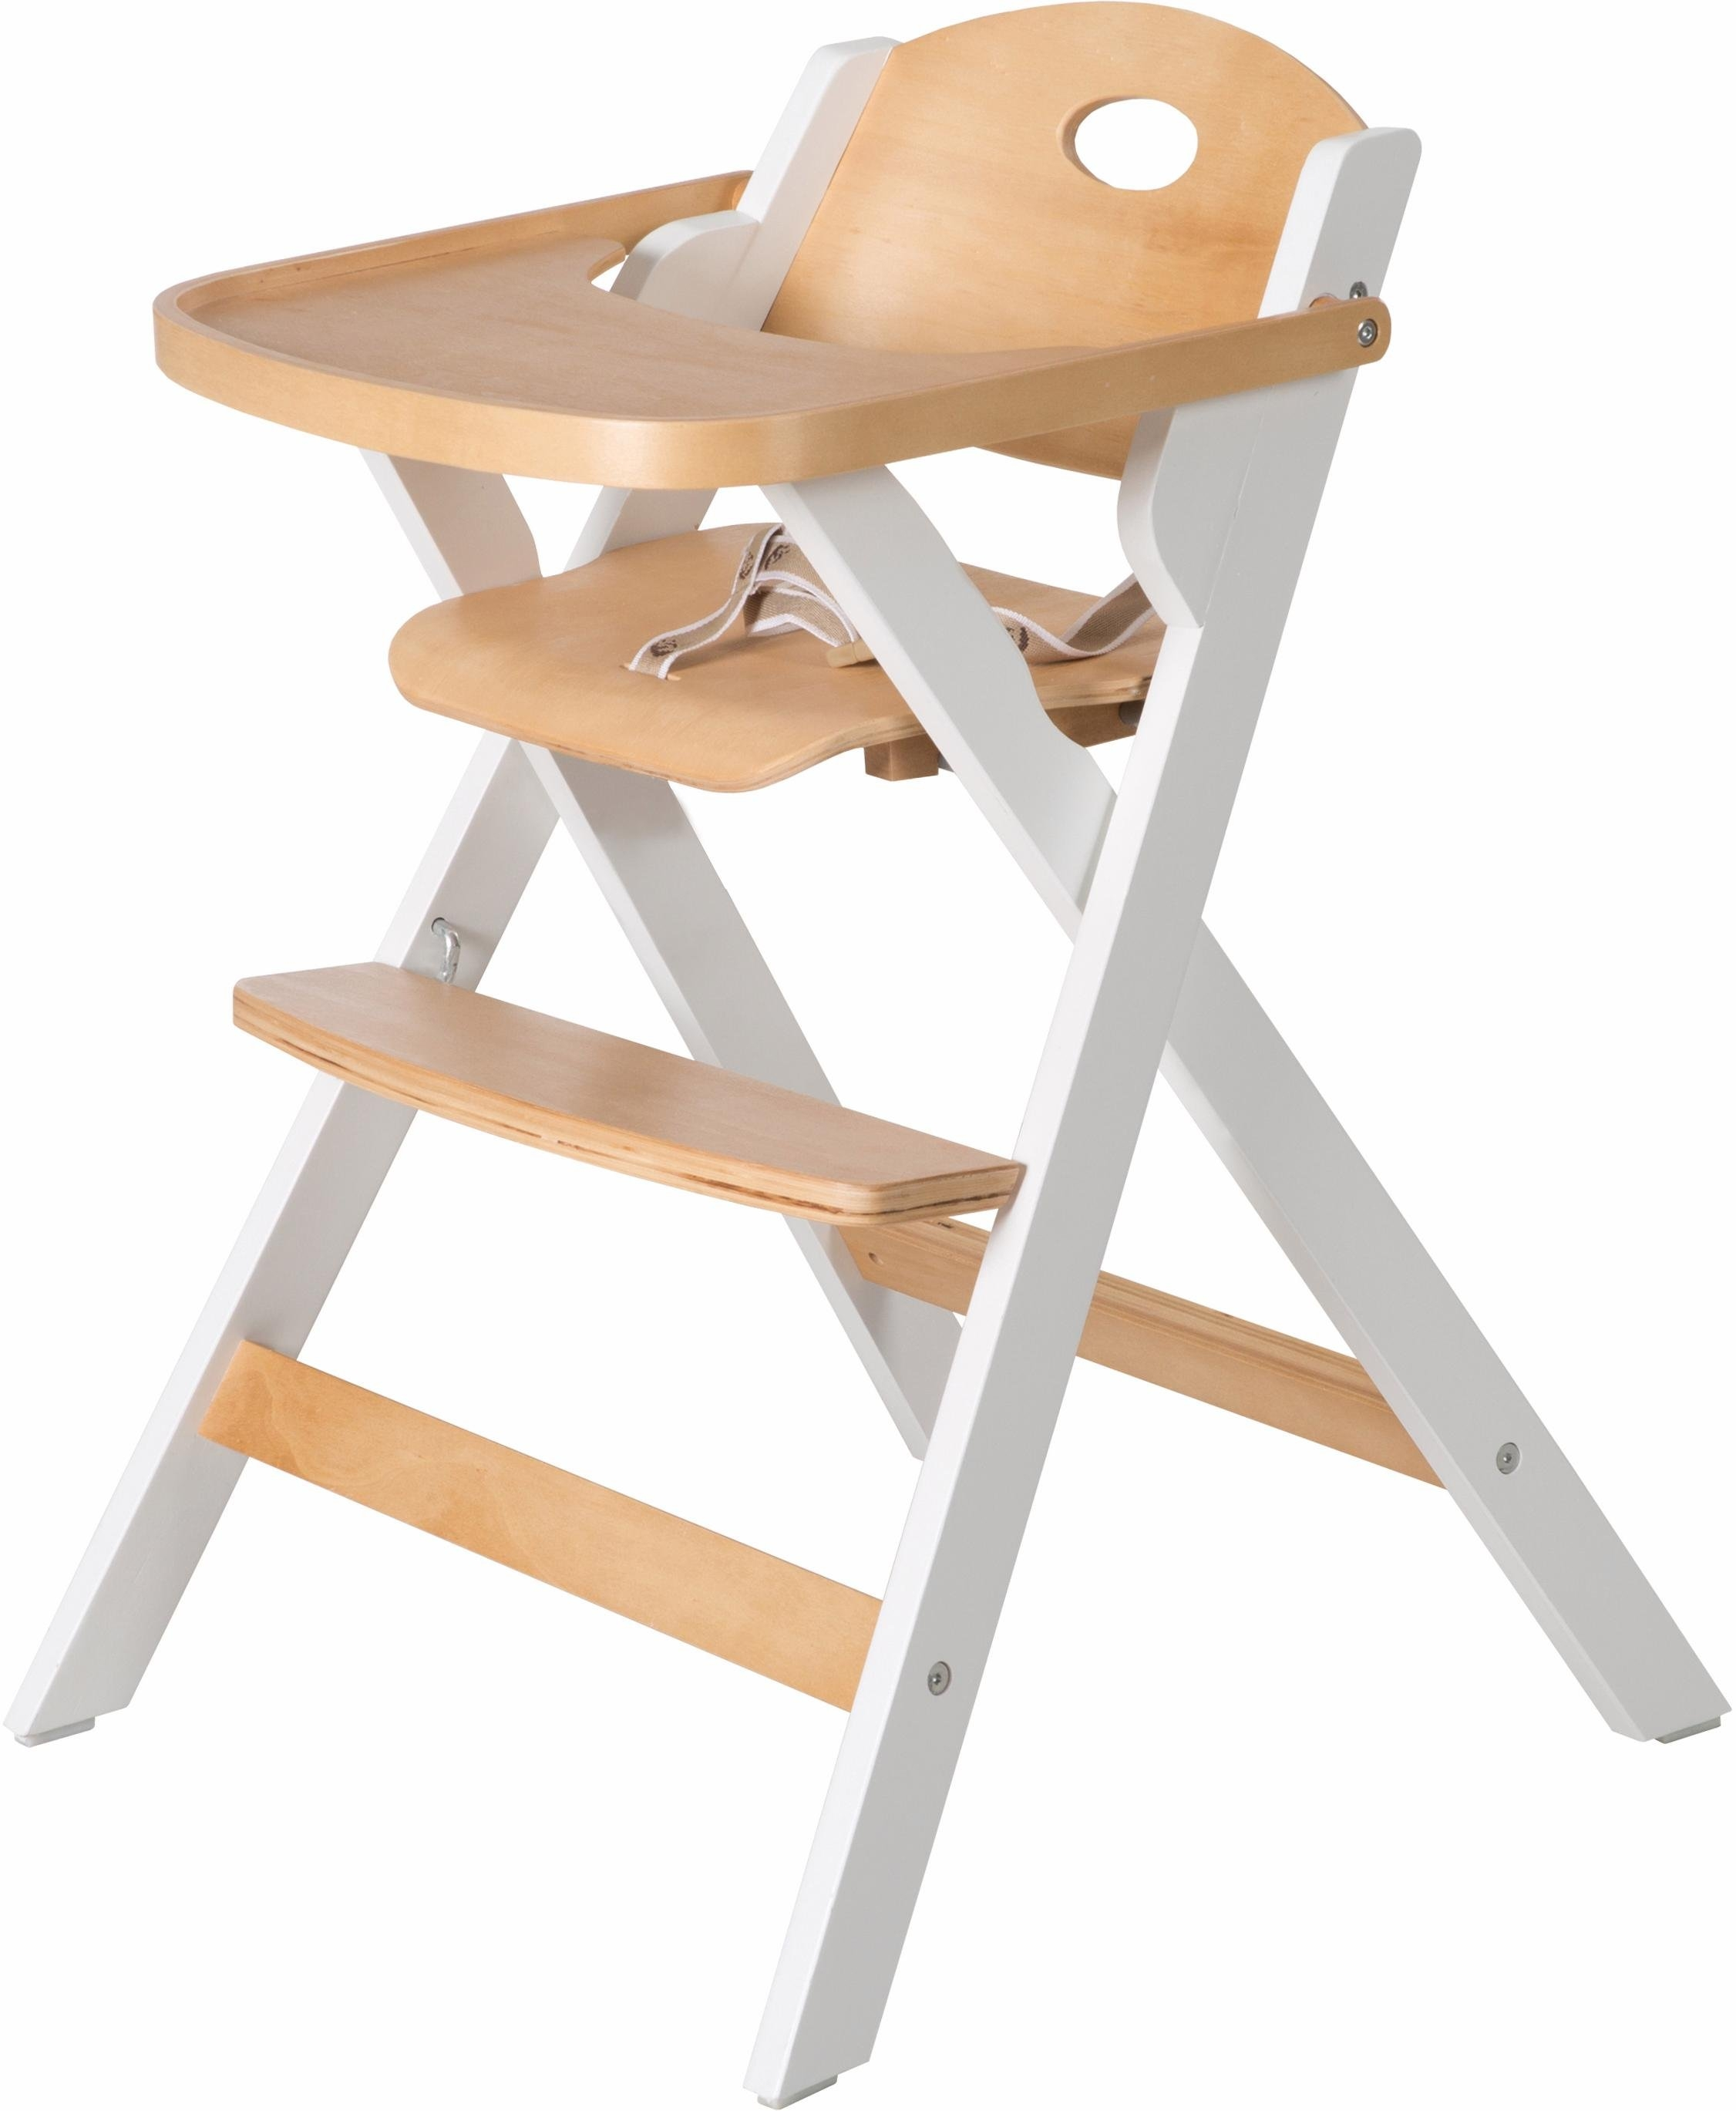 Kinderstoel Hout Verstelbaar.Kinderstoelen Kopen Bekijk De Collectie Otto